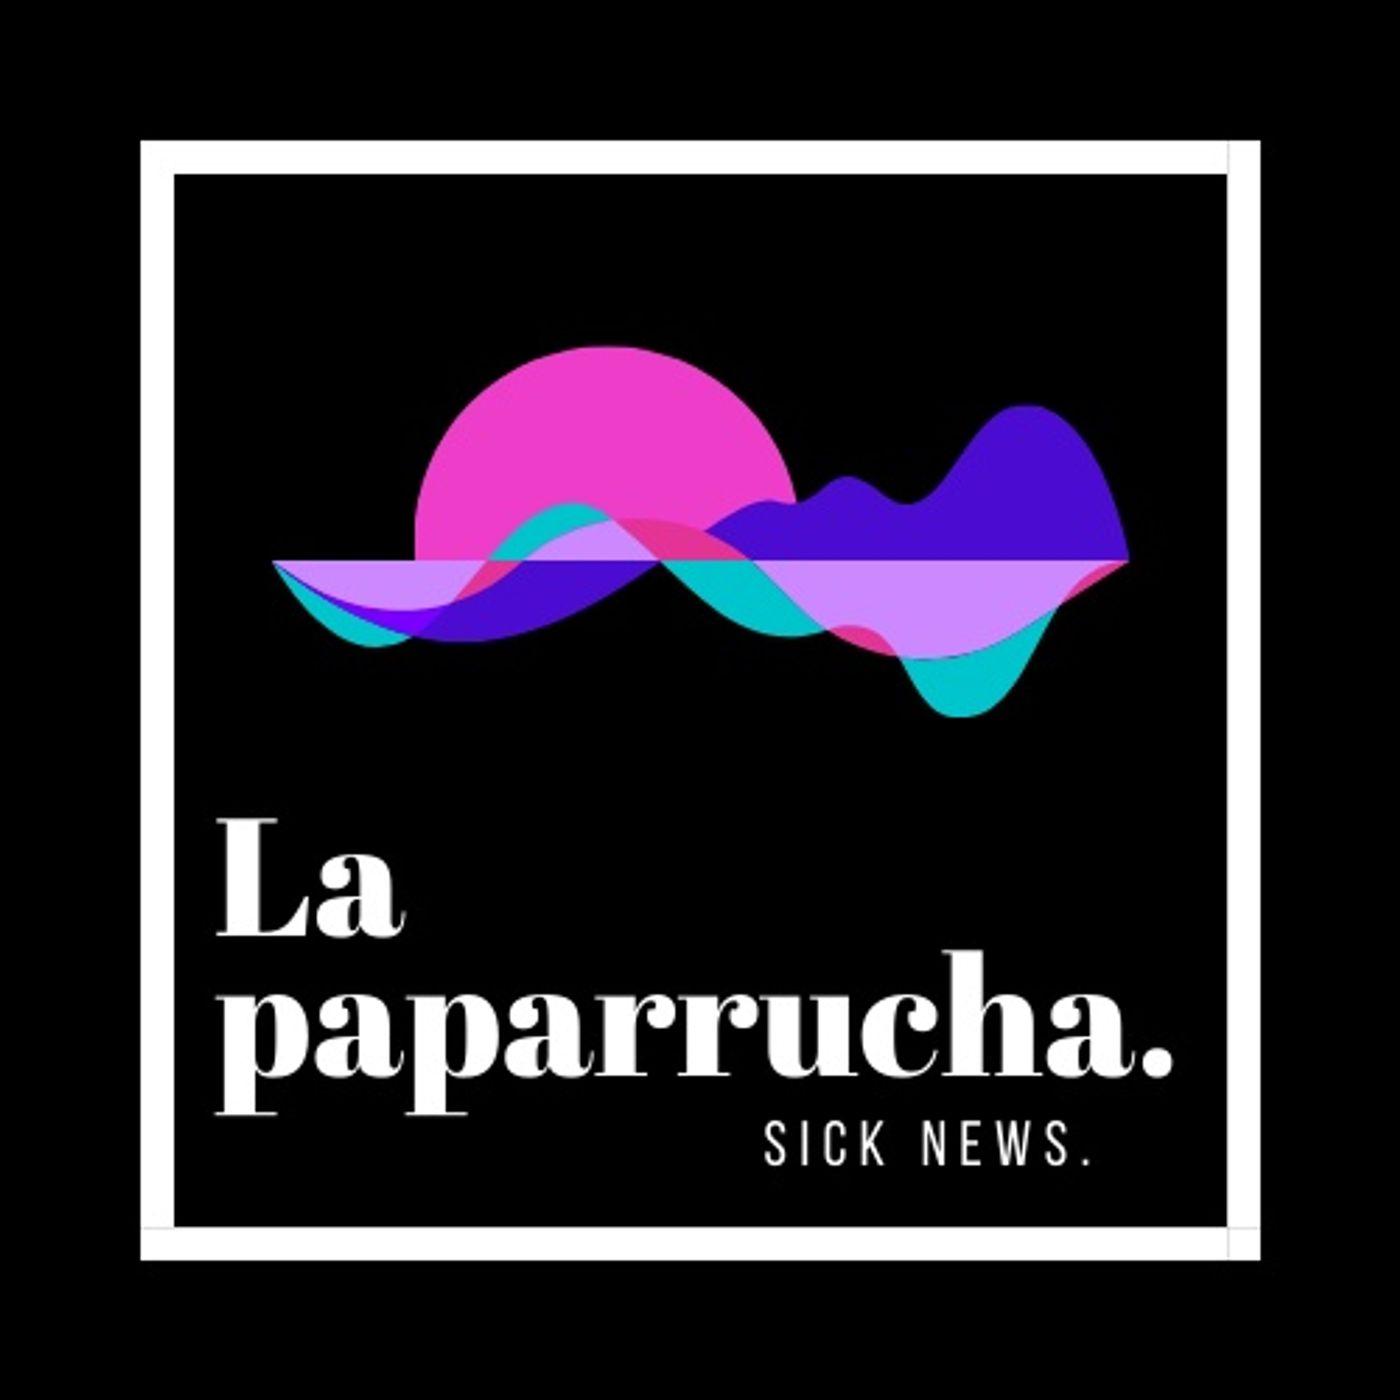 La Paparrucha